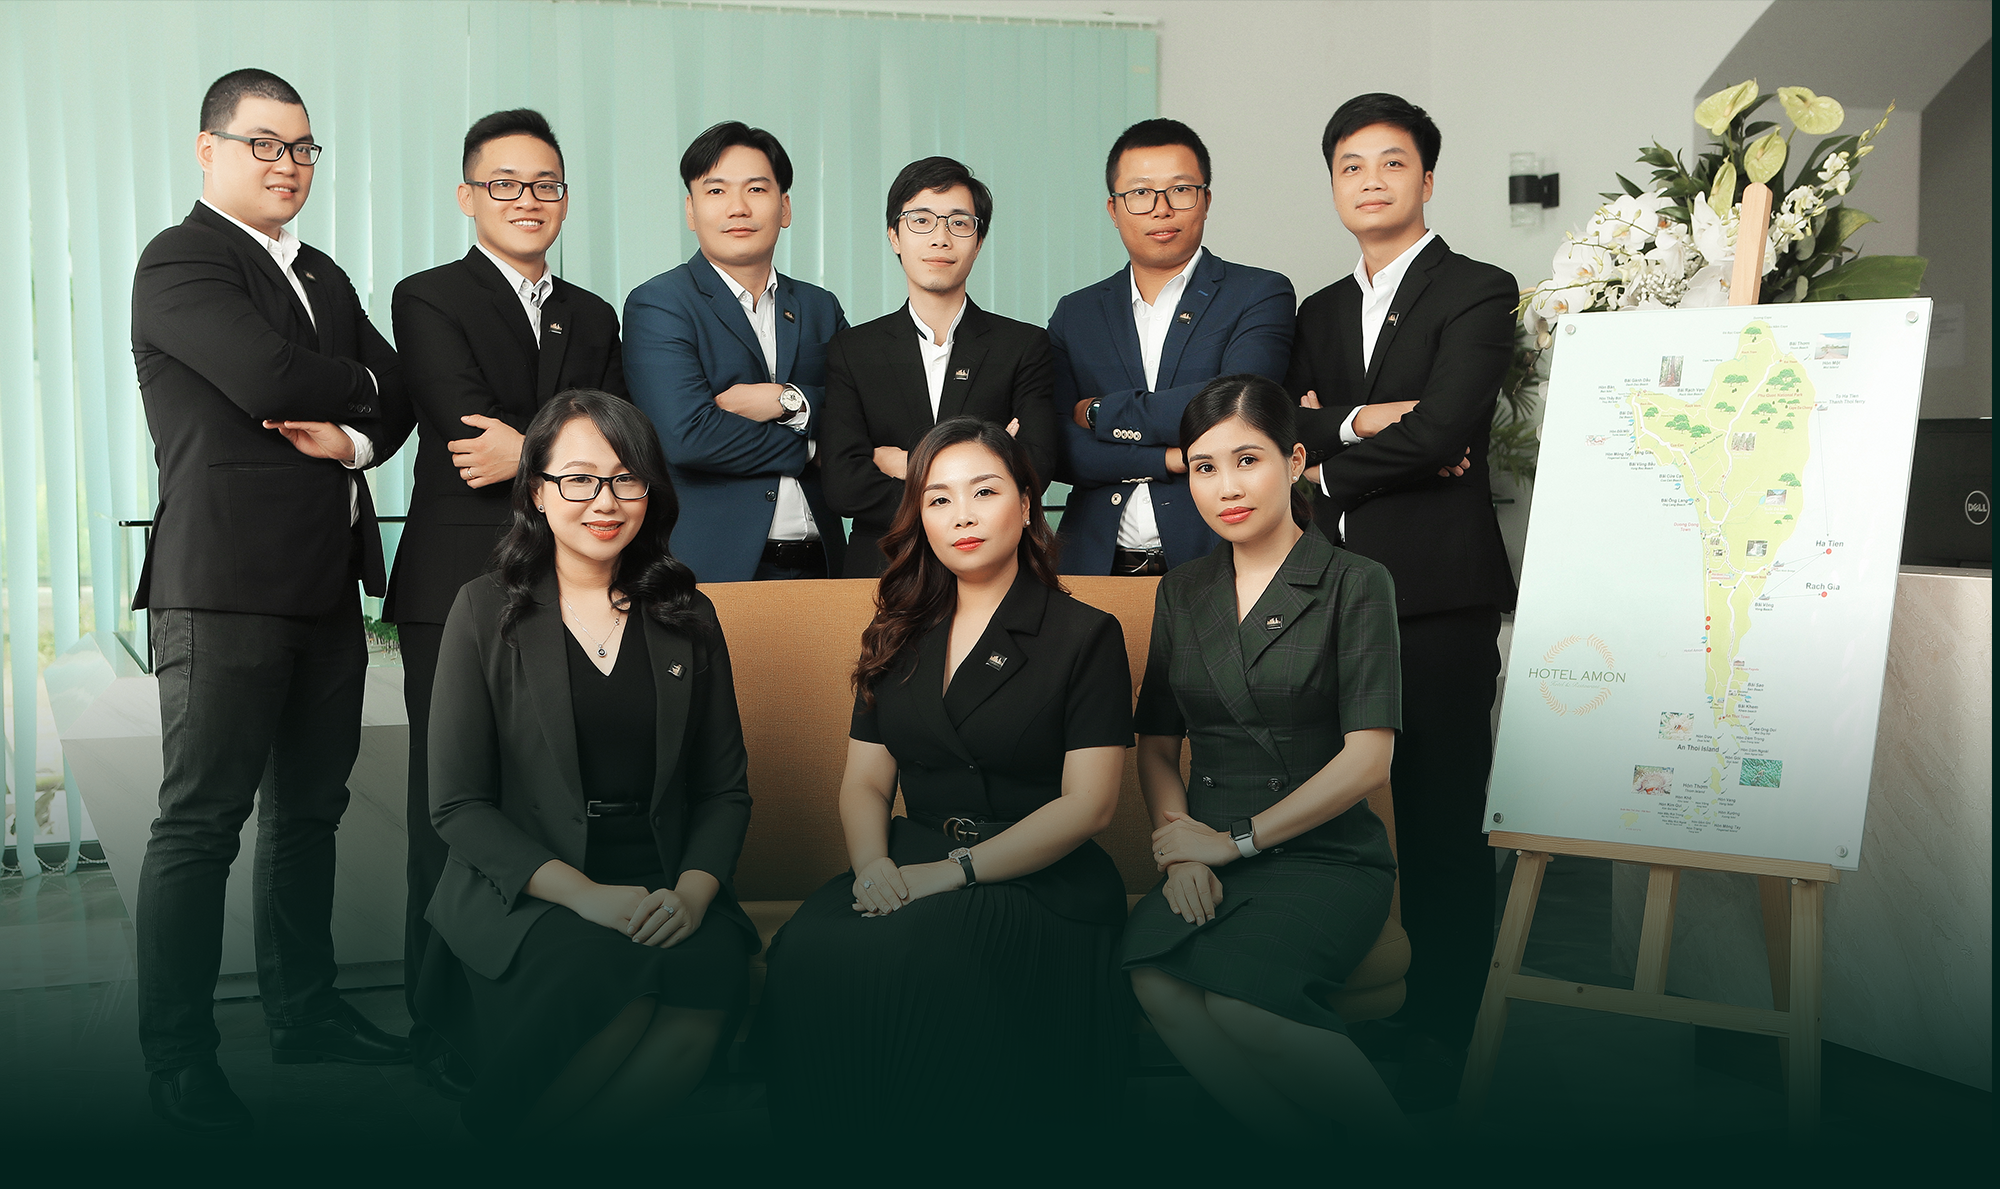 Rich kid Hà thành bỏ hàng hiệu, siêu xe ra huyện đảo Phú Quốc bán cơm bình dân, xây dựng cơ ngơi nghìn tỷ - Ảnh 8.